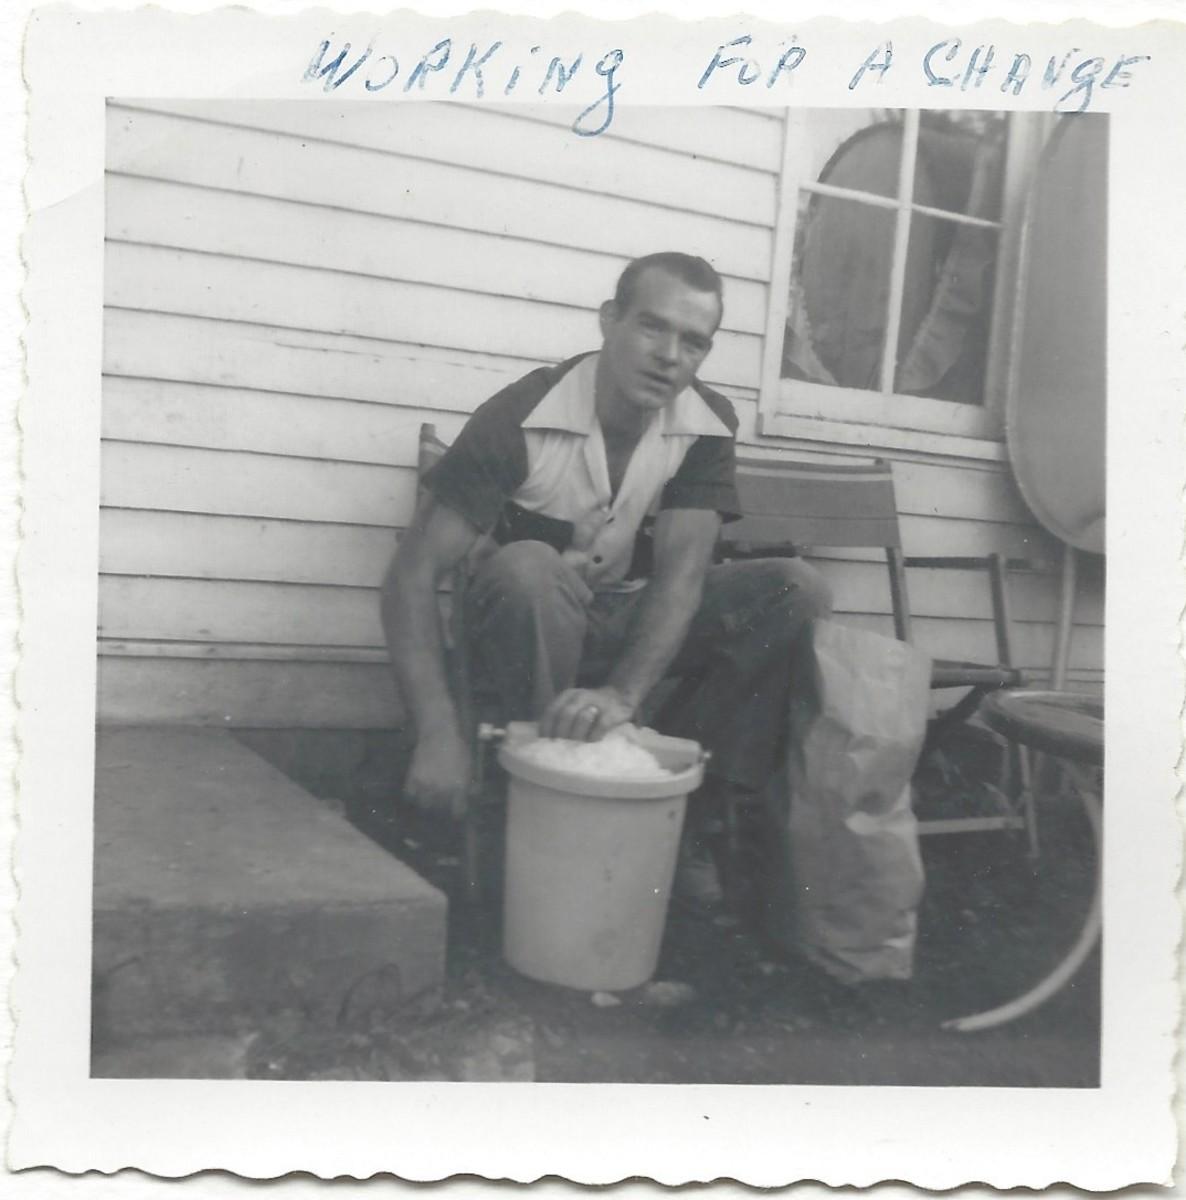 Dad churning ice cream